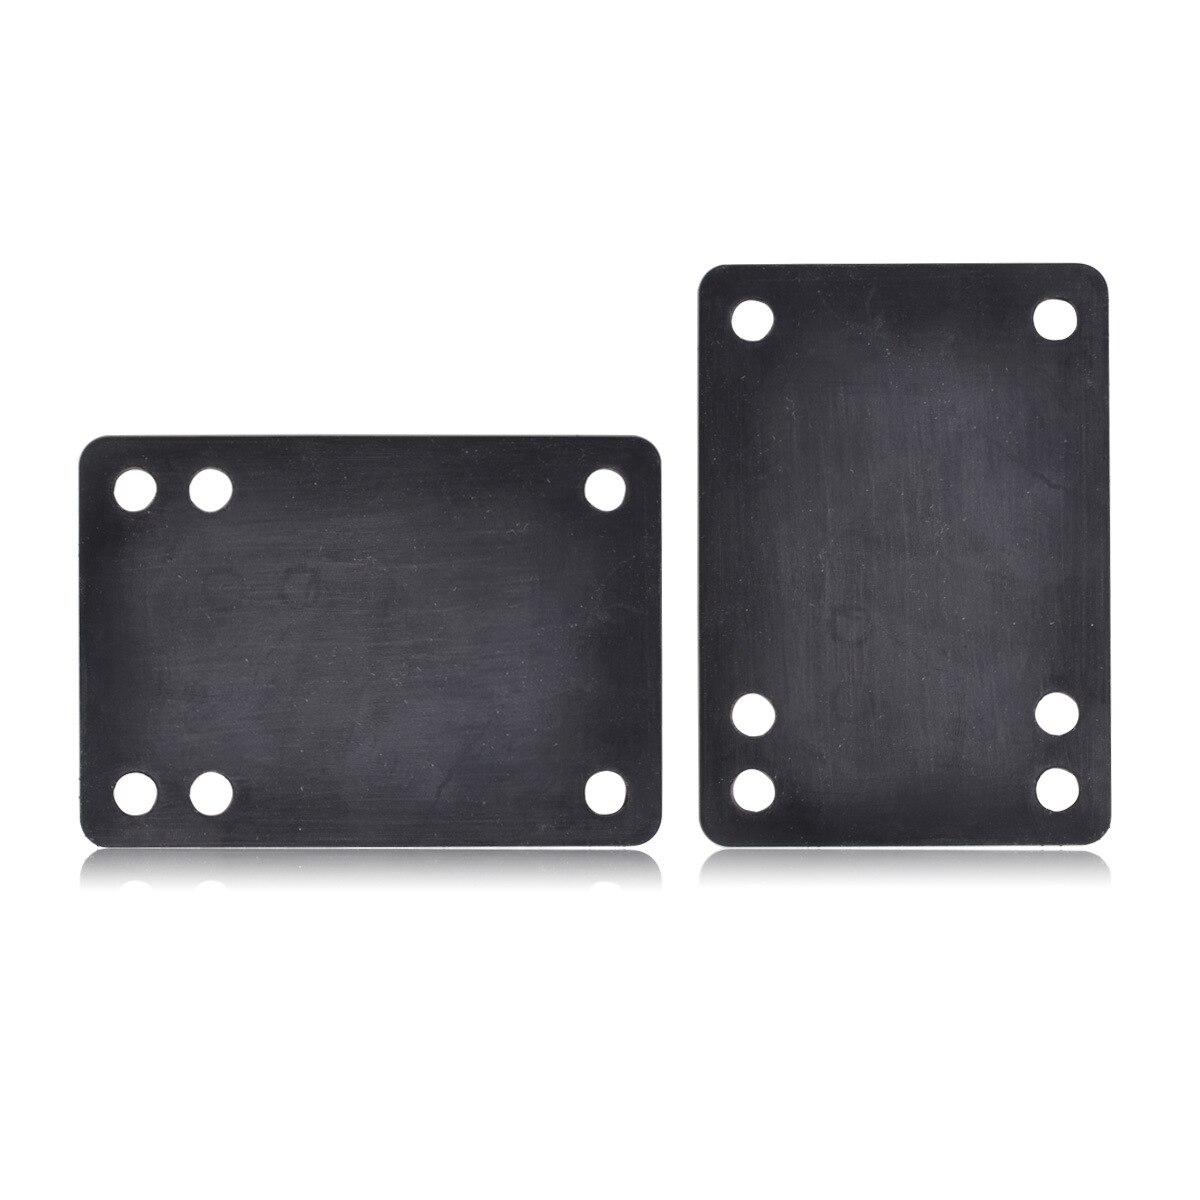 Intermediate Rubber 3 Mm Gasket (2 PCs Packaging) MS3404-2